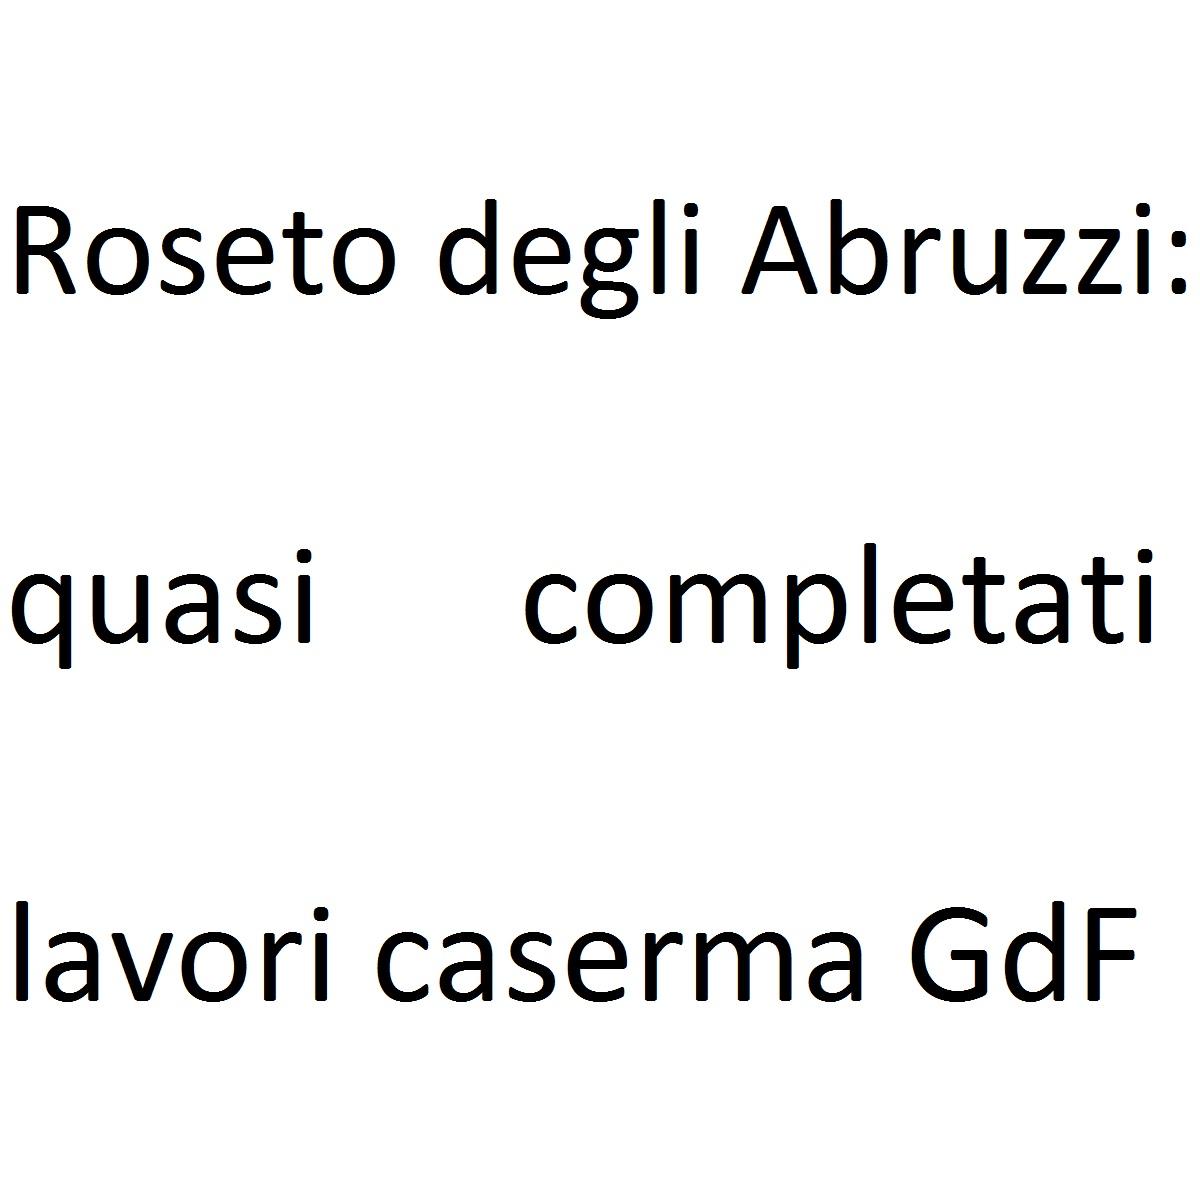 Roseto degli Abruzzi quasi completati lavori caserma GdF foto